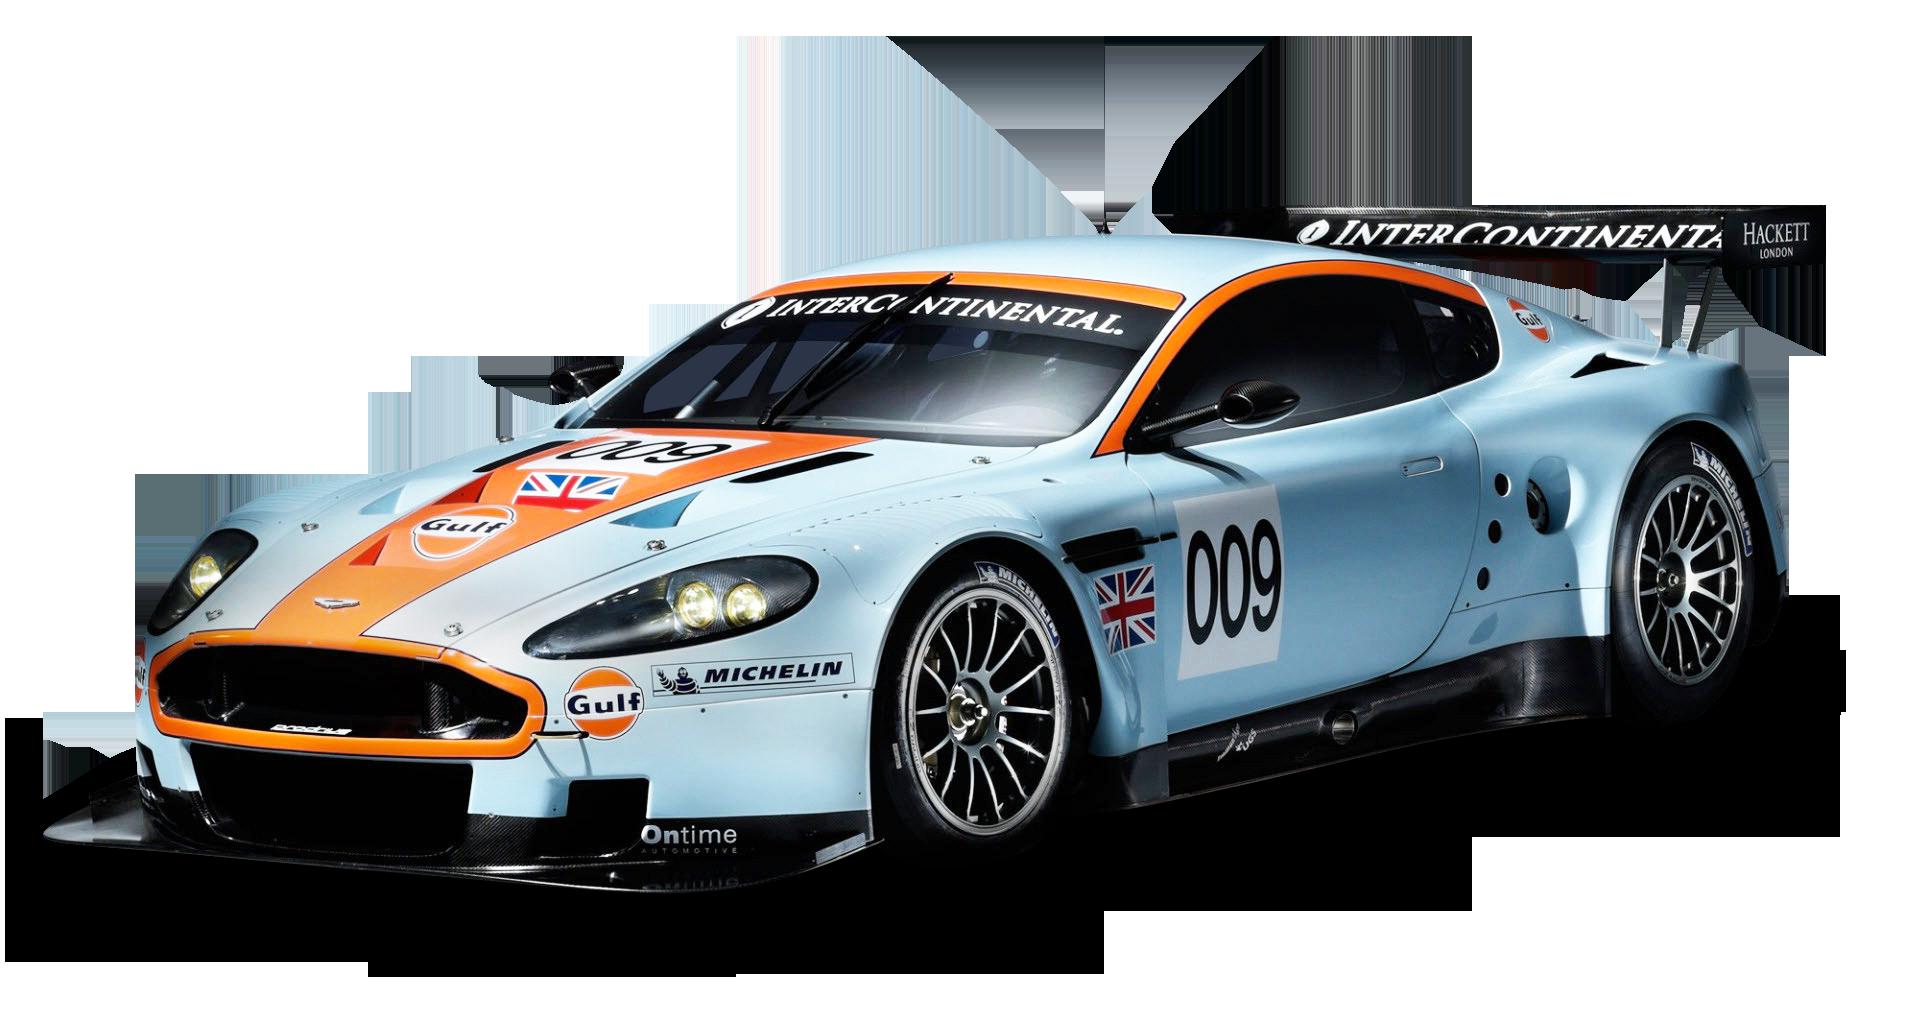 Aston Martin Racing Car PNG Image - Blue Race Car PNG